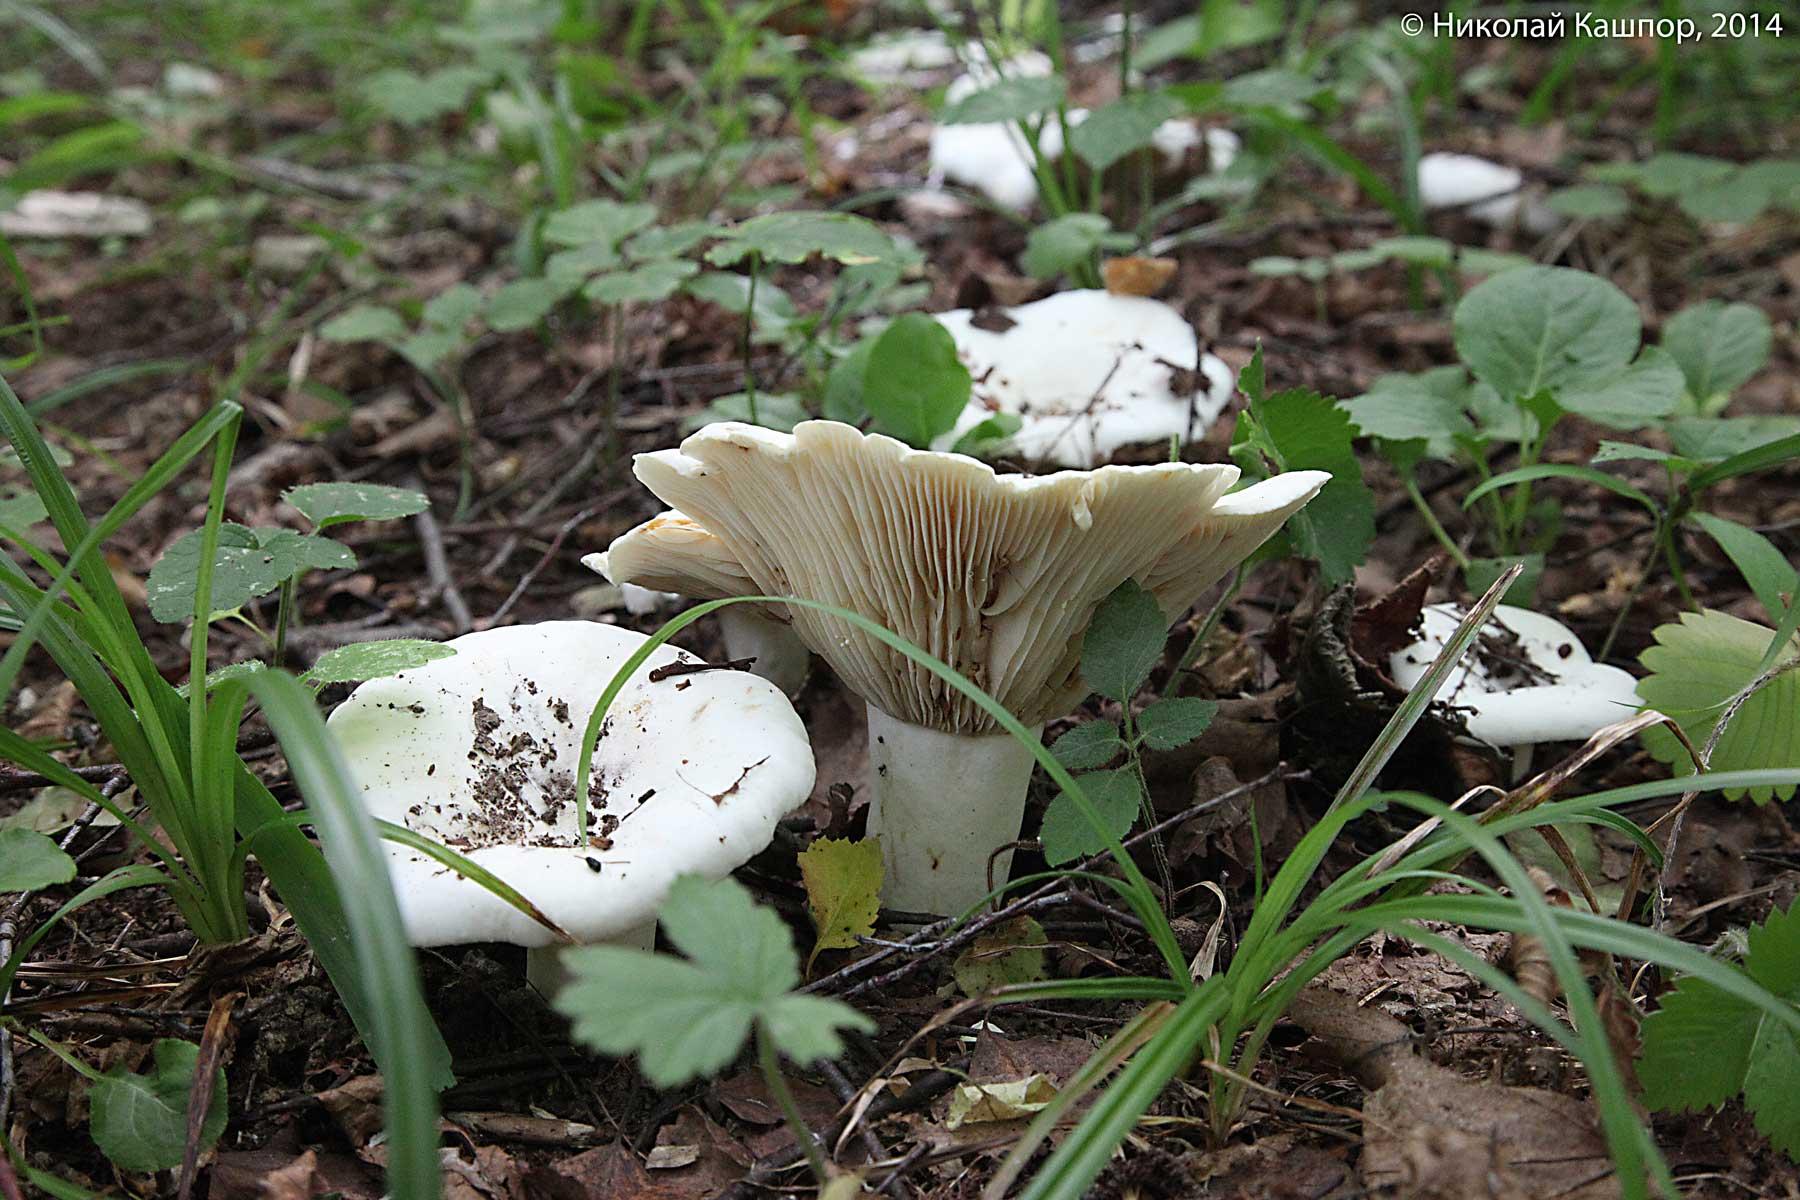 Скрипица (Lactarius vellereus). Автор фото:Кашпор Николай